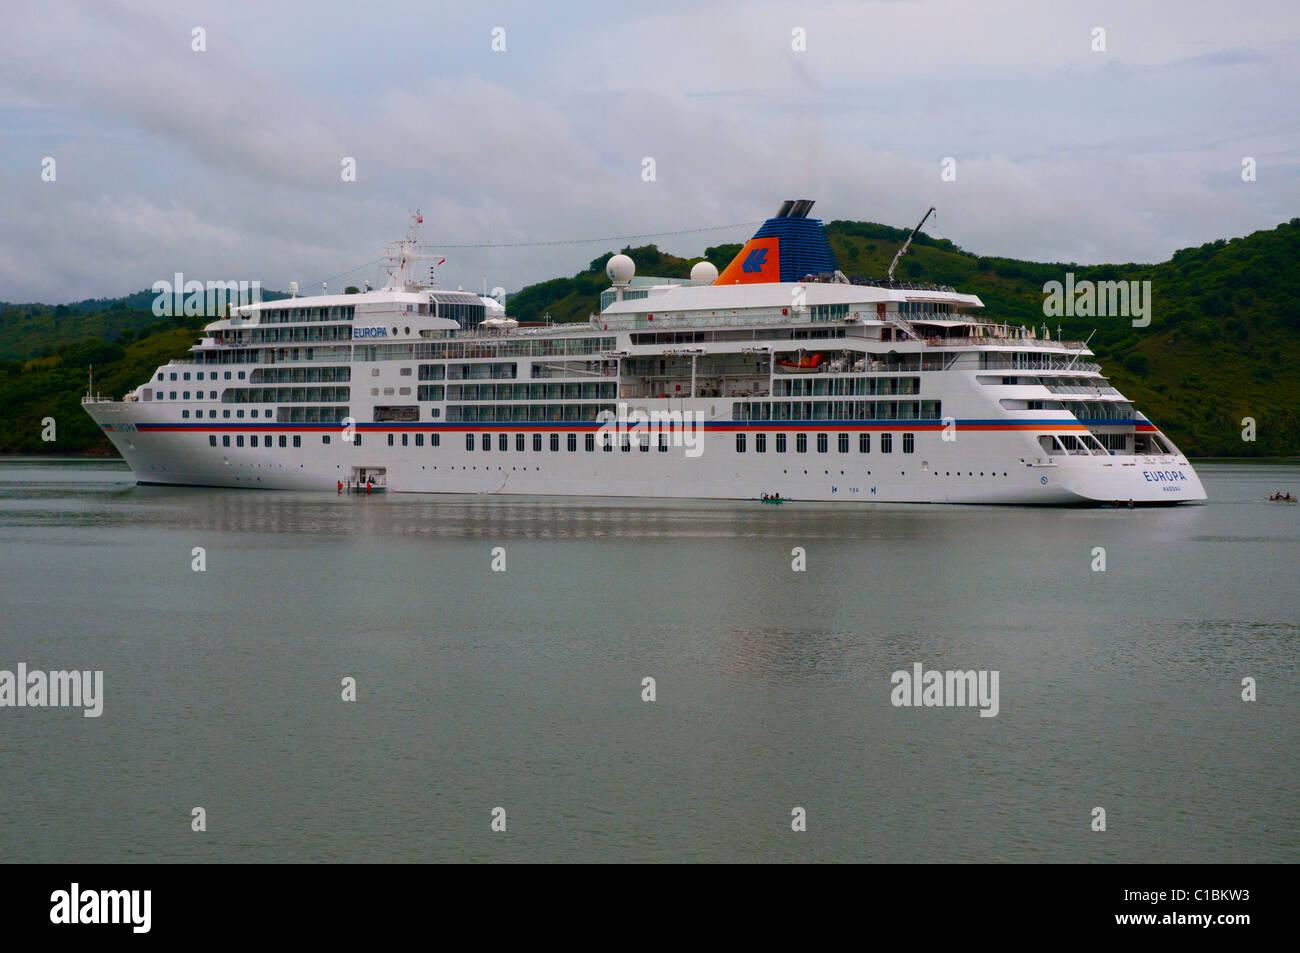 Das 5-Sterne-Luxus-Kreuzfahrtschiff Europa vor Anker vor der Insel Lombok in Indonesien Stockbild